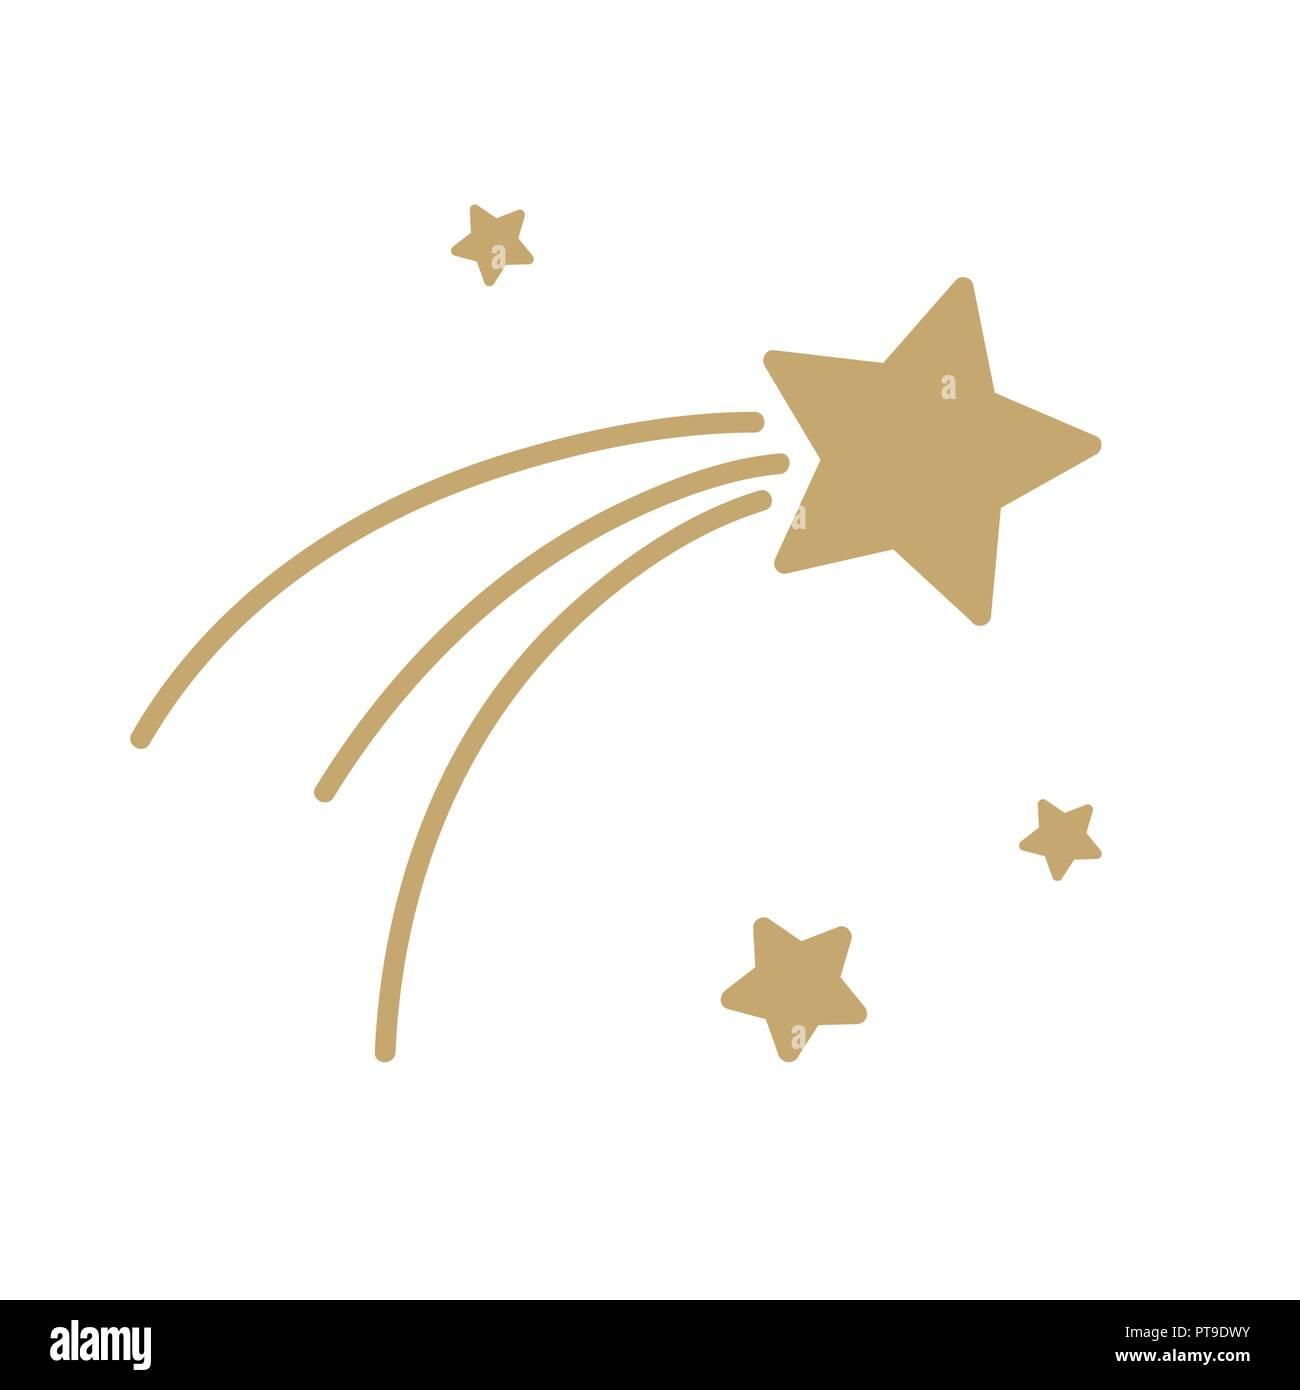 Icono de estrella caída de navidad aisladas sobre fondo blanco ilustración vectorial Ilustración del Vector